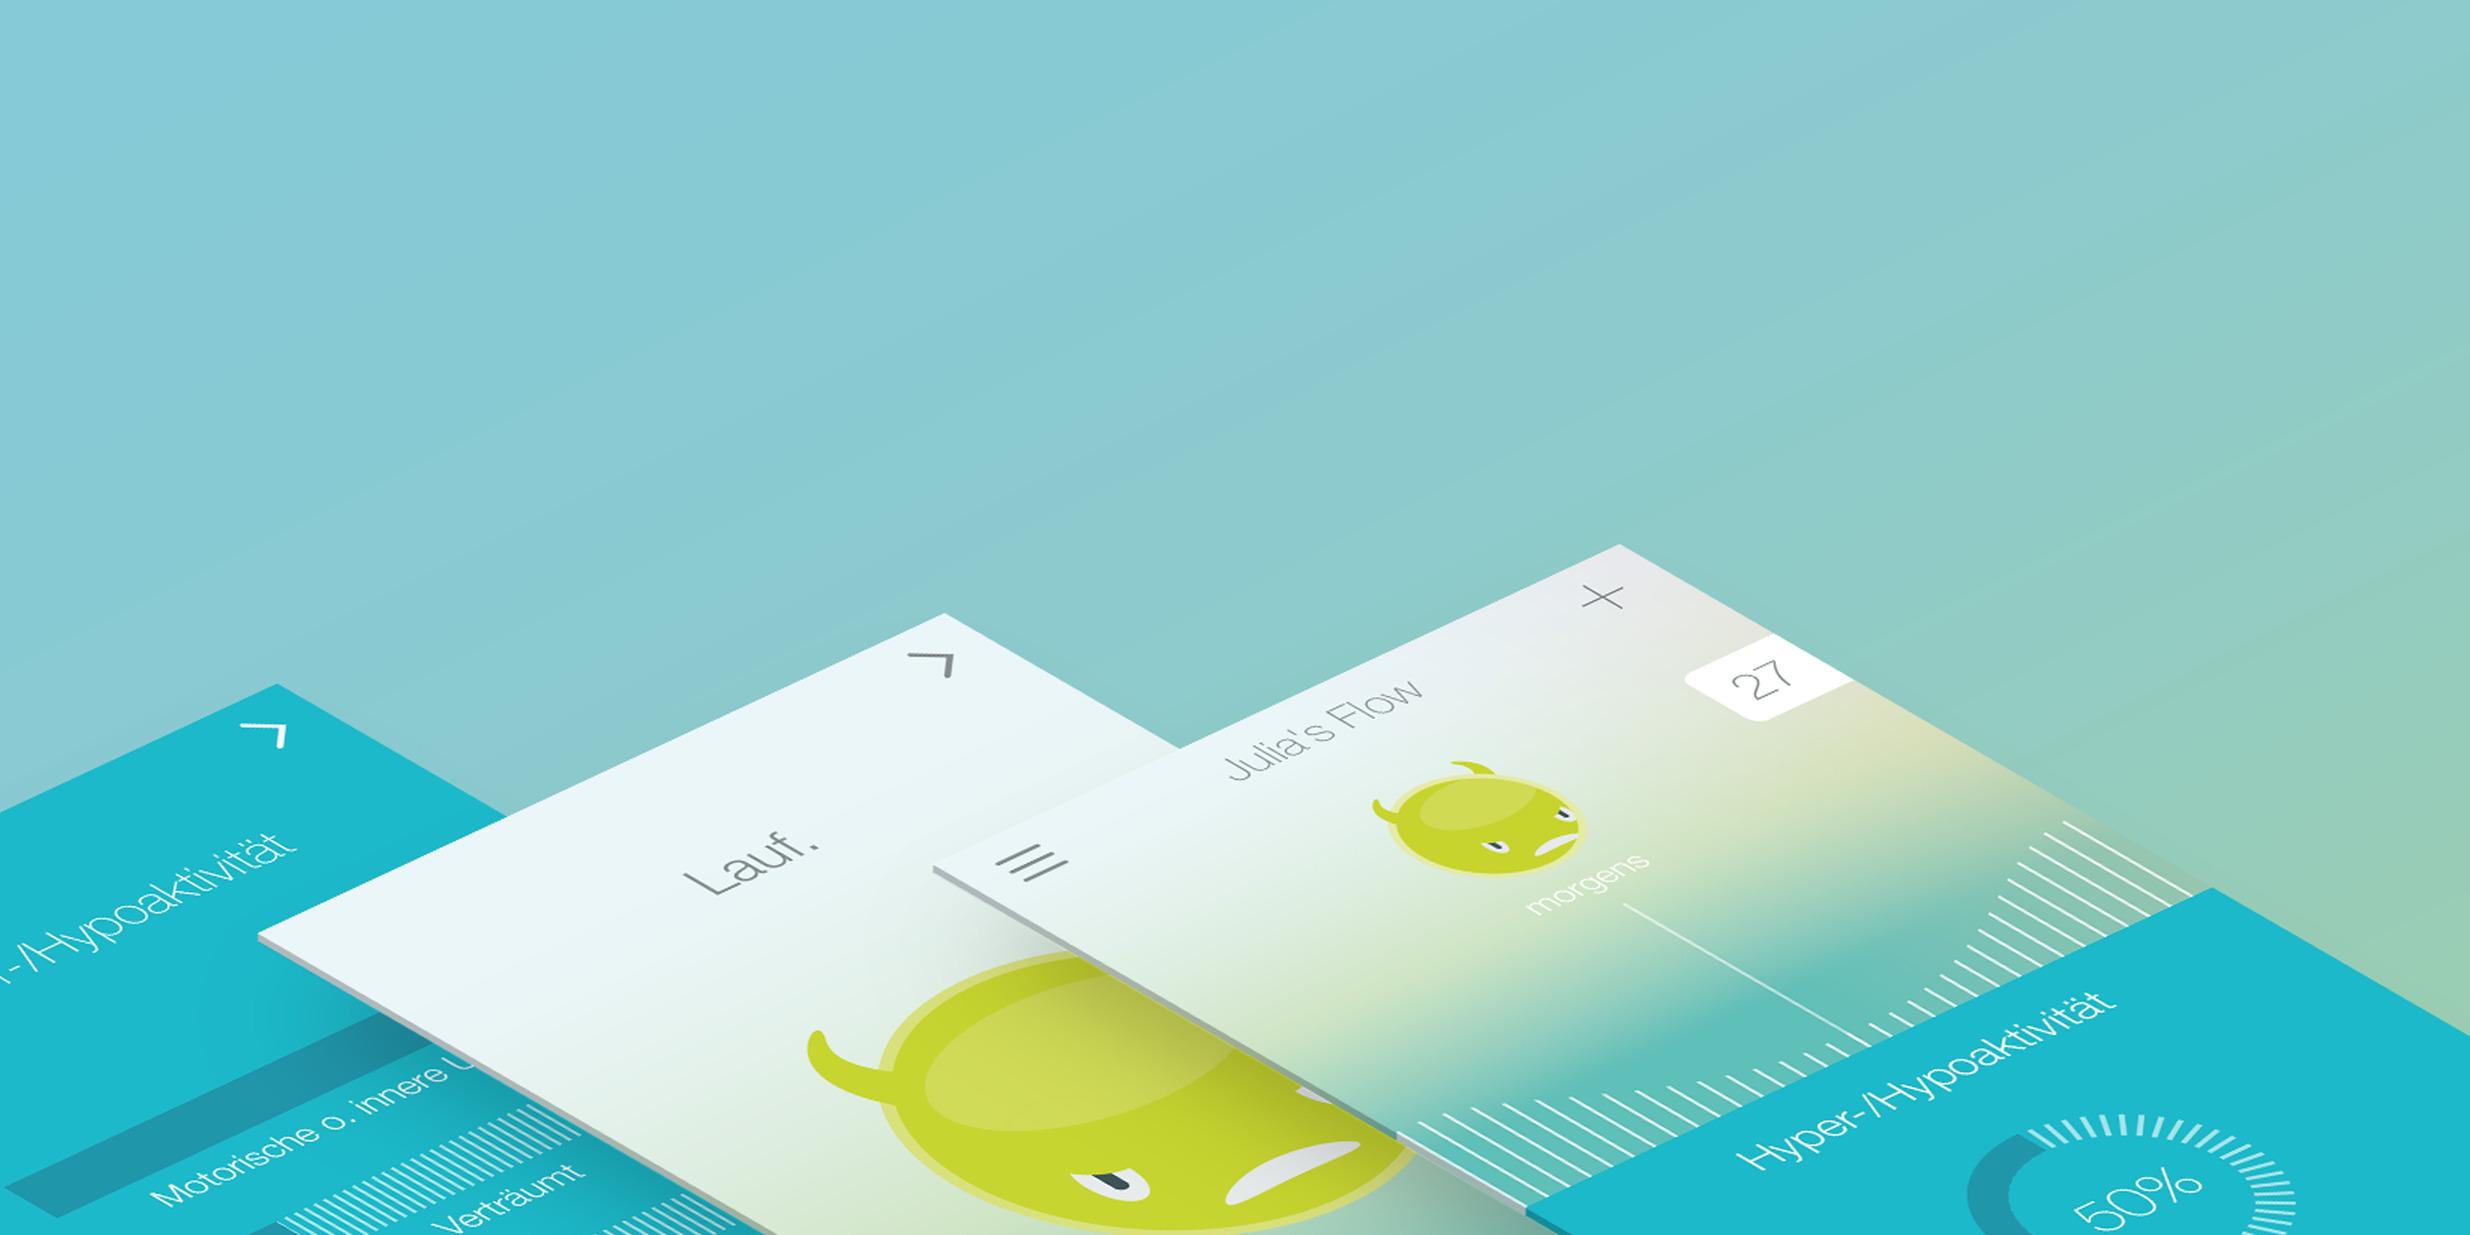 MONOKI entwickelte die Idee für eine ADHS App, das zugehörige Konzept, Naming sowie Screendesign und Programmierung.